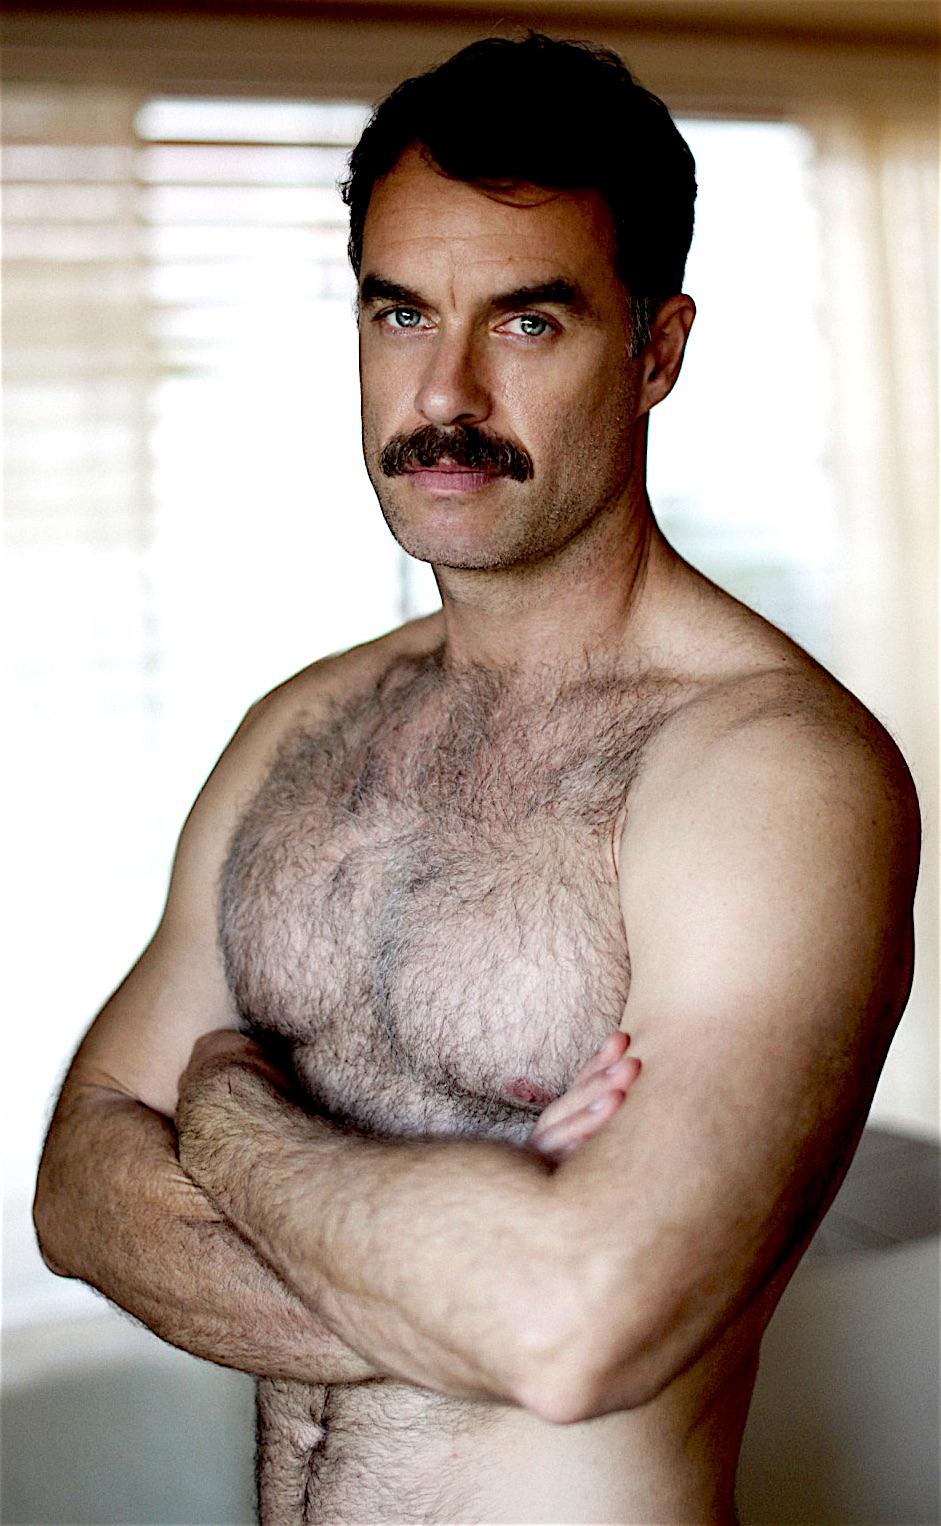 Porn moustache